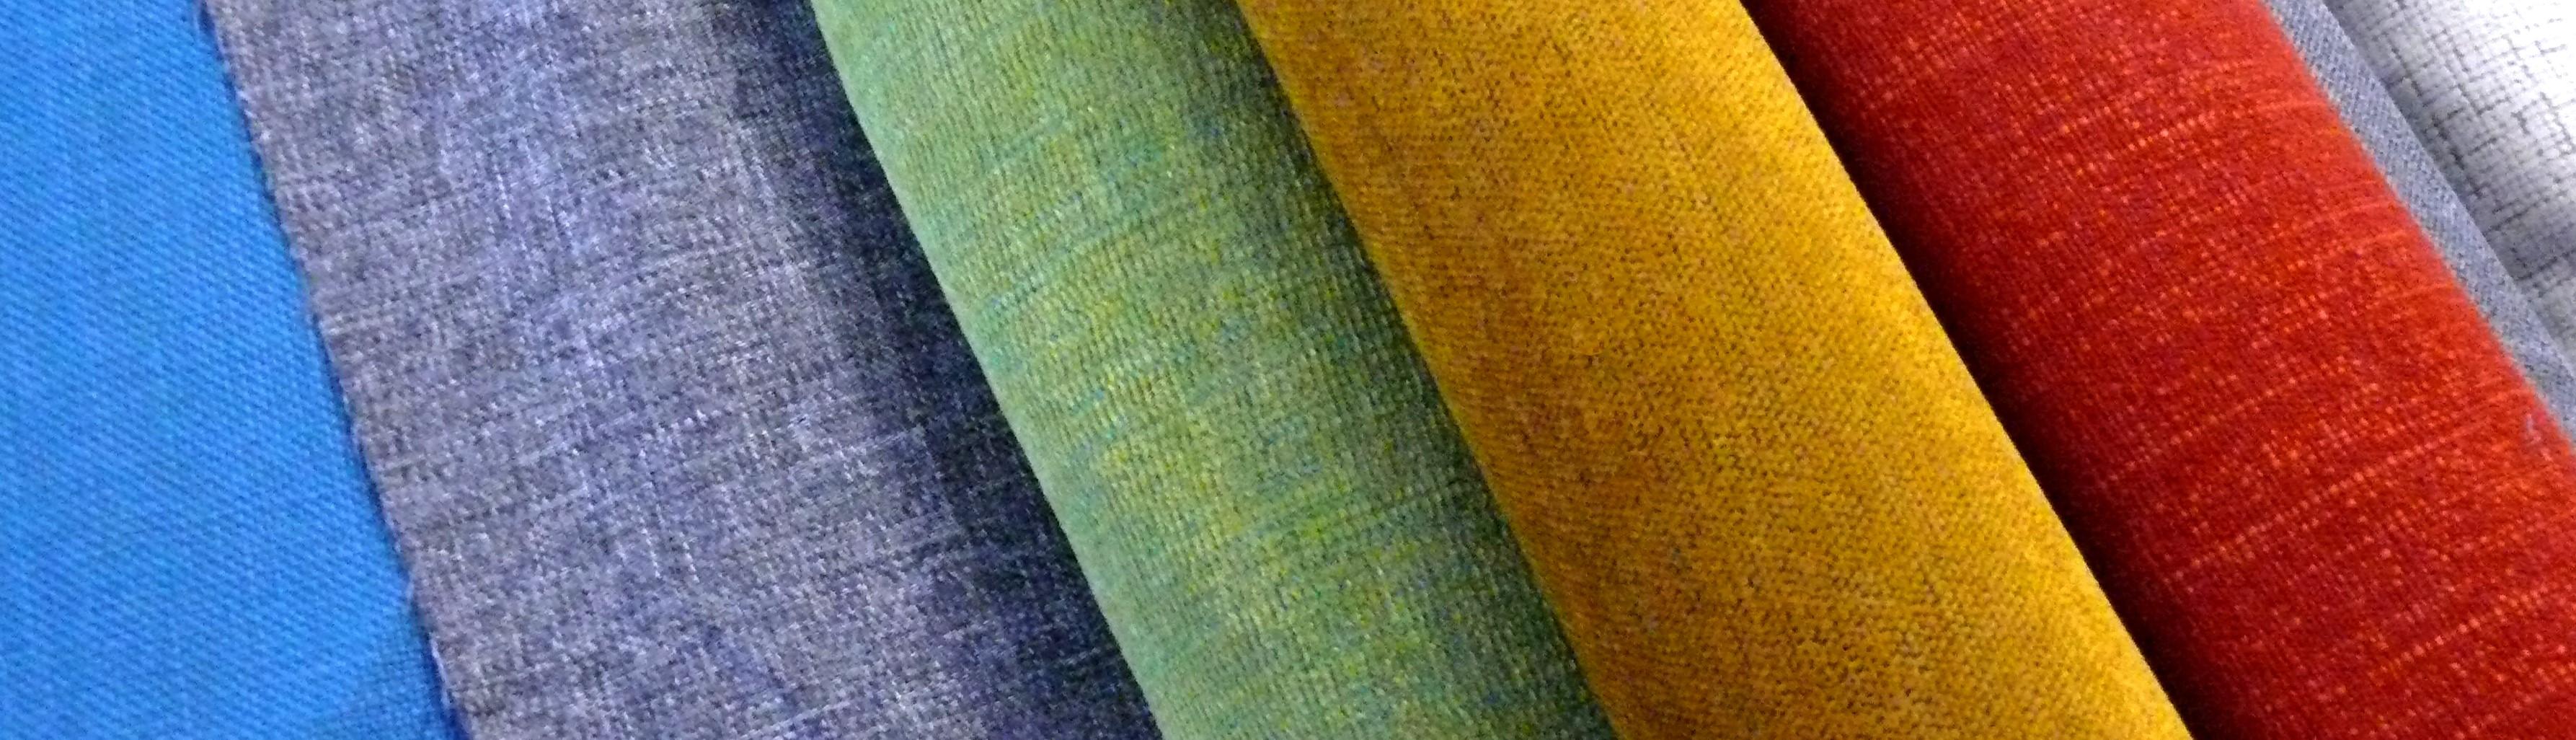 Los tejidos para sof s no tienen por qu ser aburridos - Telas para tapiceria precios ...